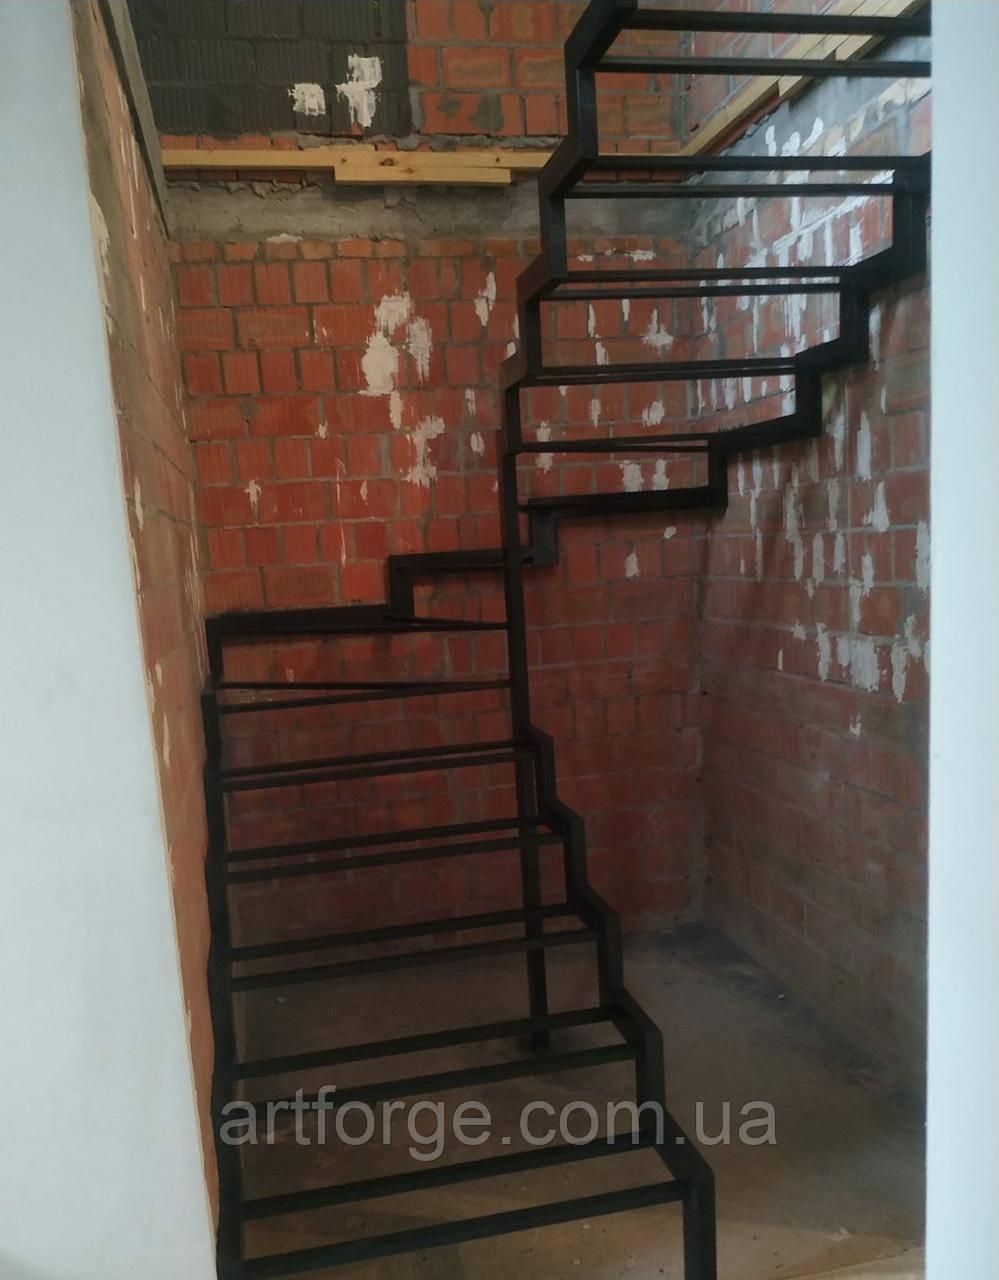 Каркас для открытой лестницы в современном стиле лофт для квартиры, дома, дачи.